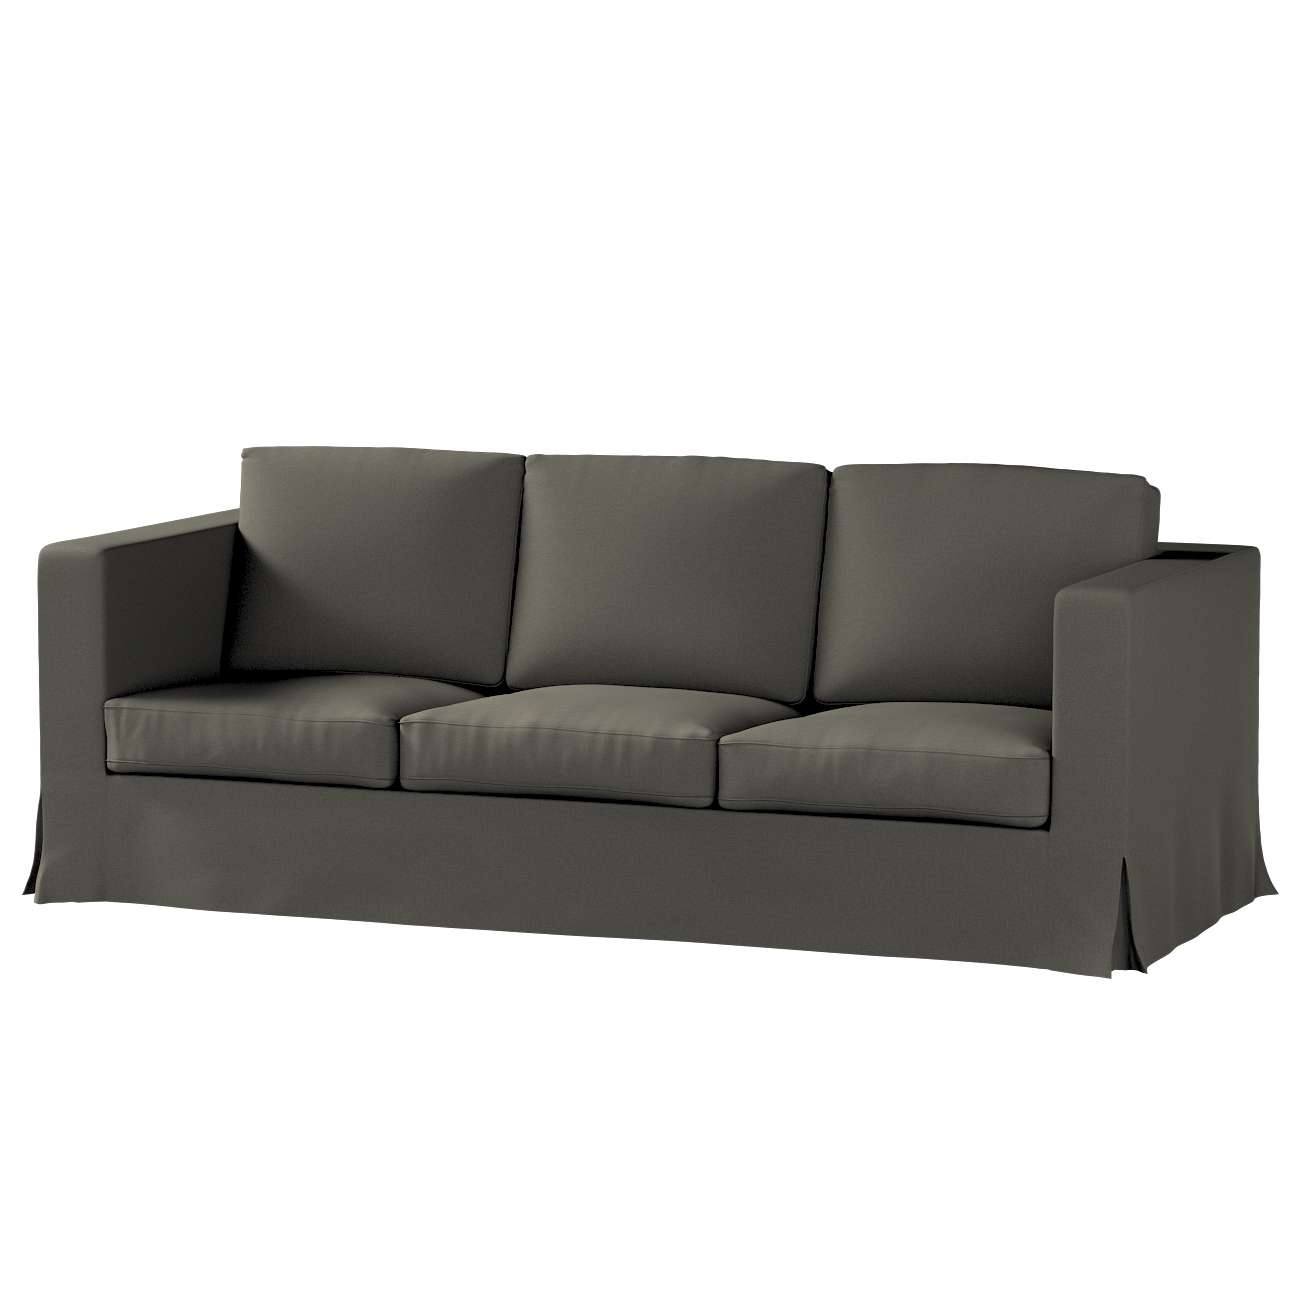 Potah na pohovku IKEA  Karlanda 3-místná nerozkládací, dlouhý v kolekci Living, látka: 161-55